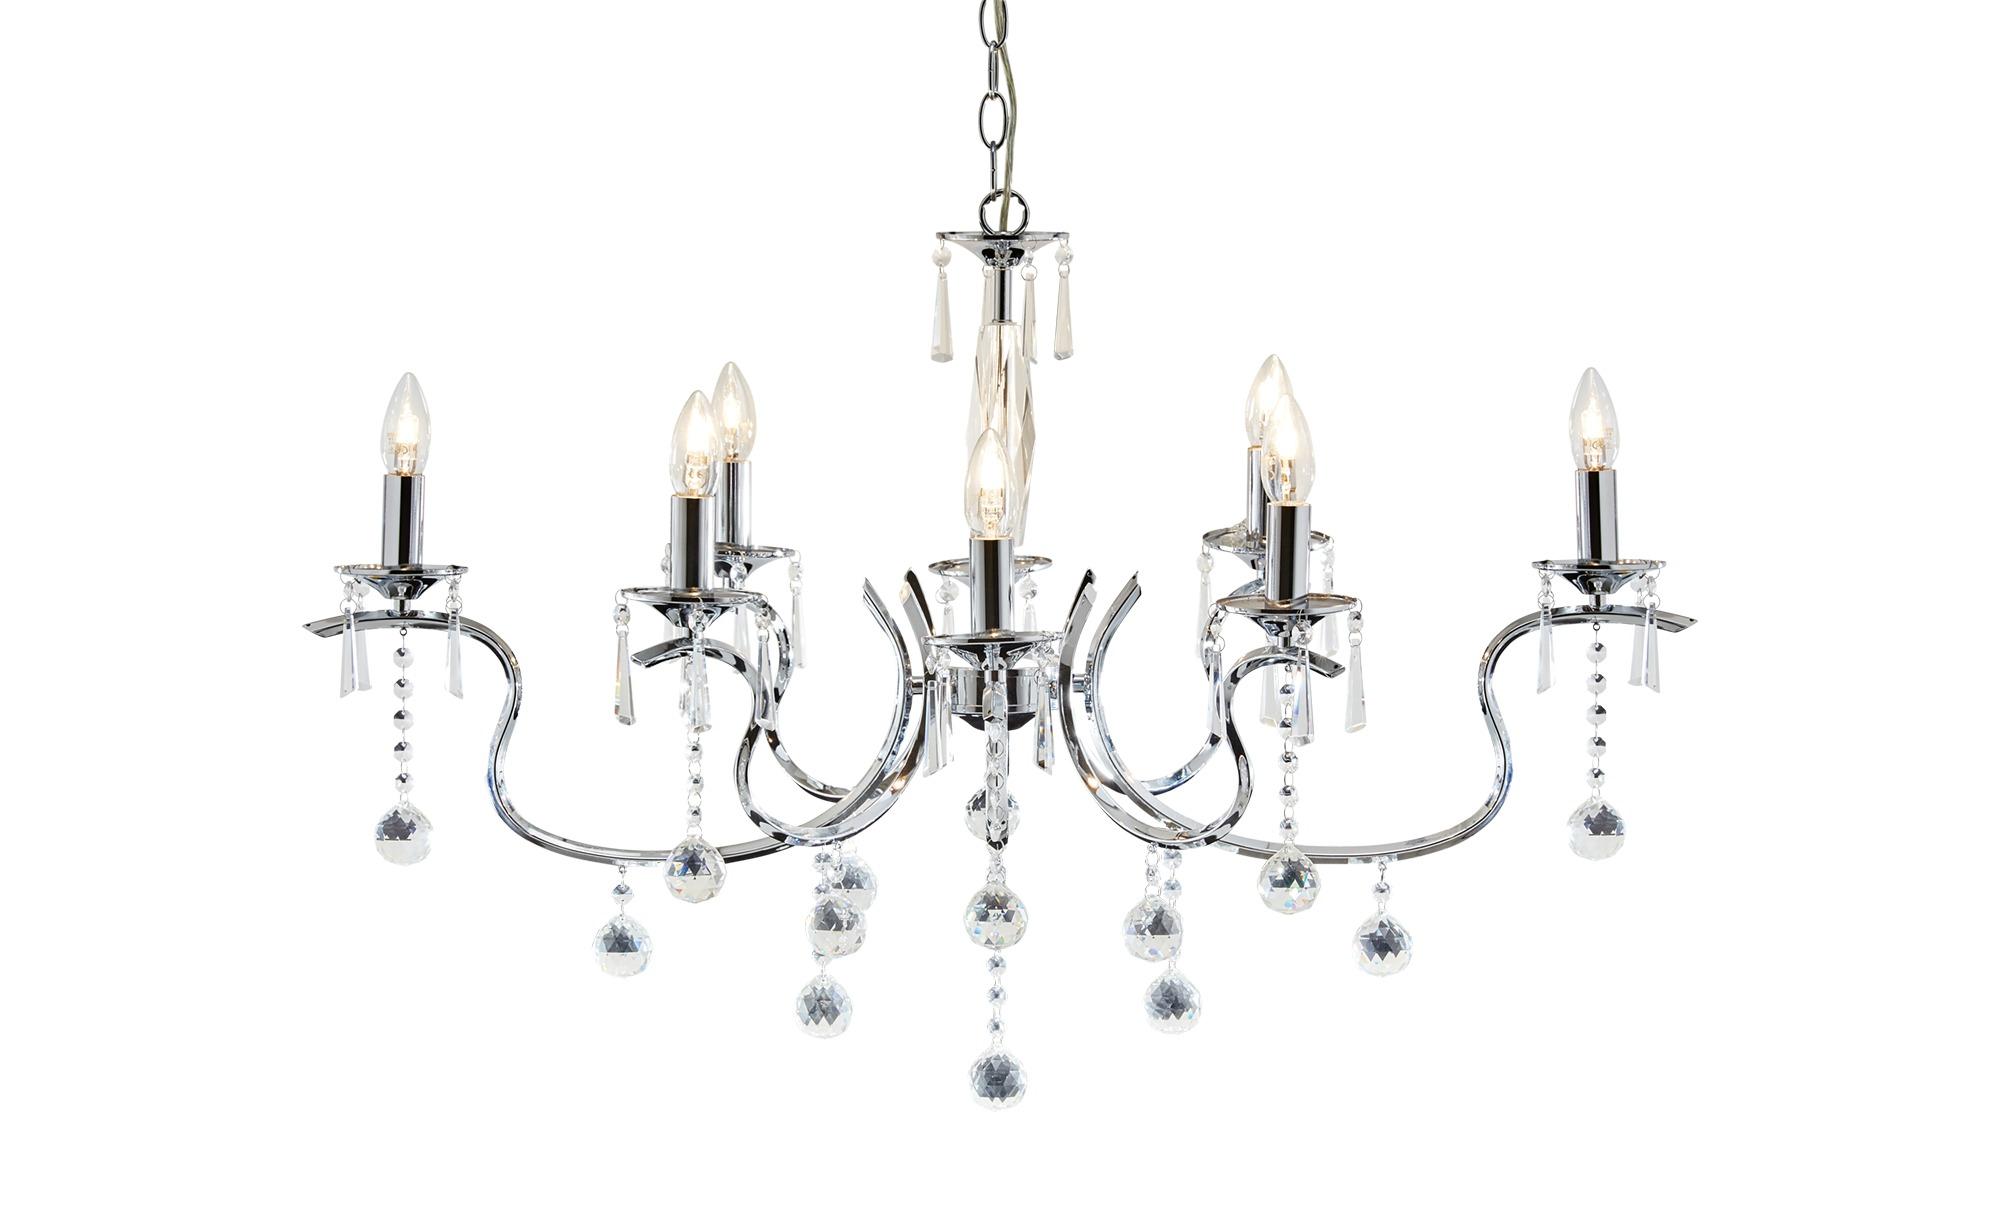 Krone, 8-flammig, chorm mit Glasbehang ¦ silber ¦ Maße (cm): B: 94 H: 57 Lampen & Leuchten > Innenleuchten > Kronleuchter - Höffner